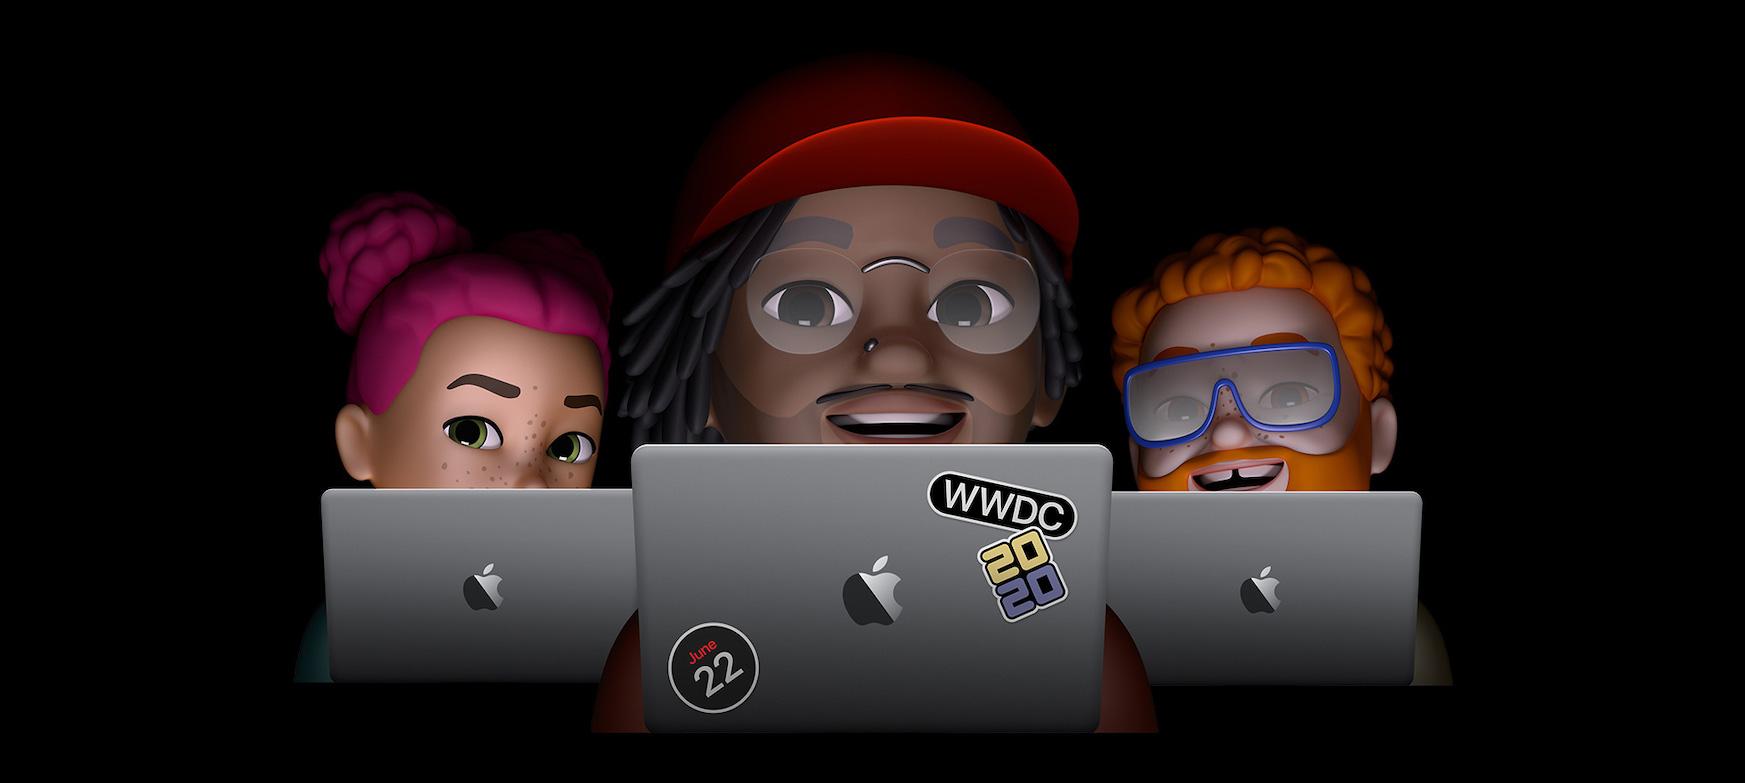 Konferentzia Apple'eta aplikazioan gauzatuko da.  Zer ikusiko dugu ekainaren 22an WWDC-n zehar?